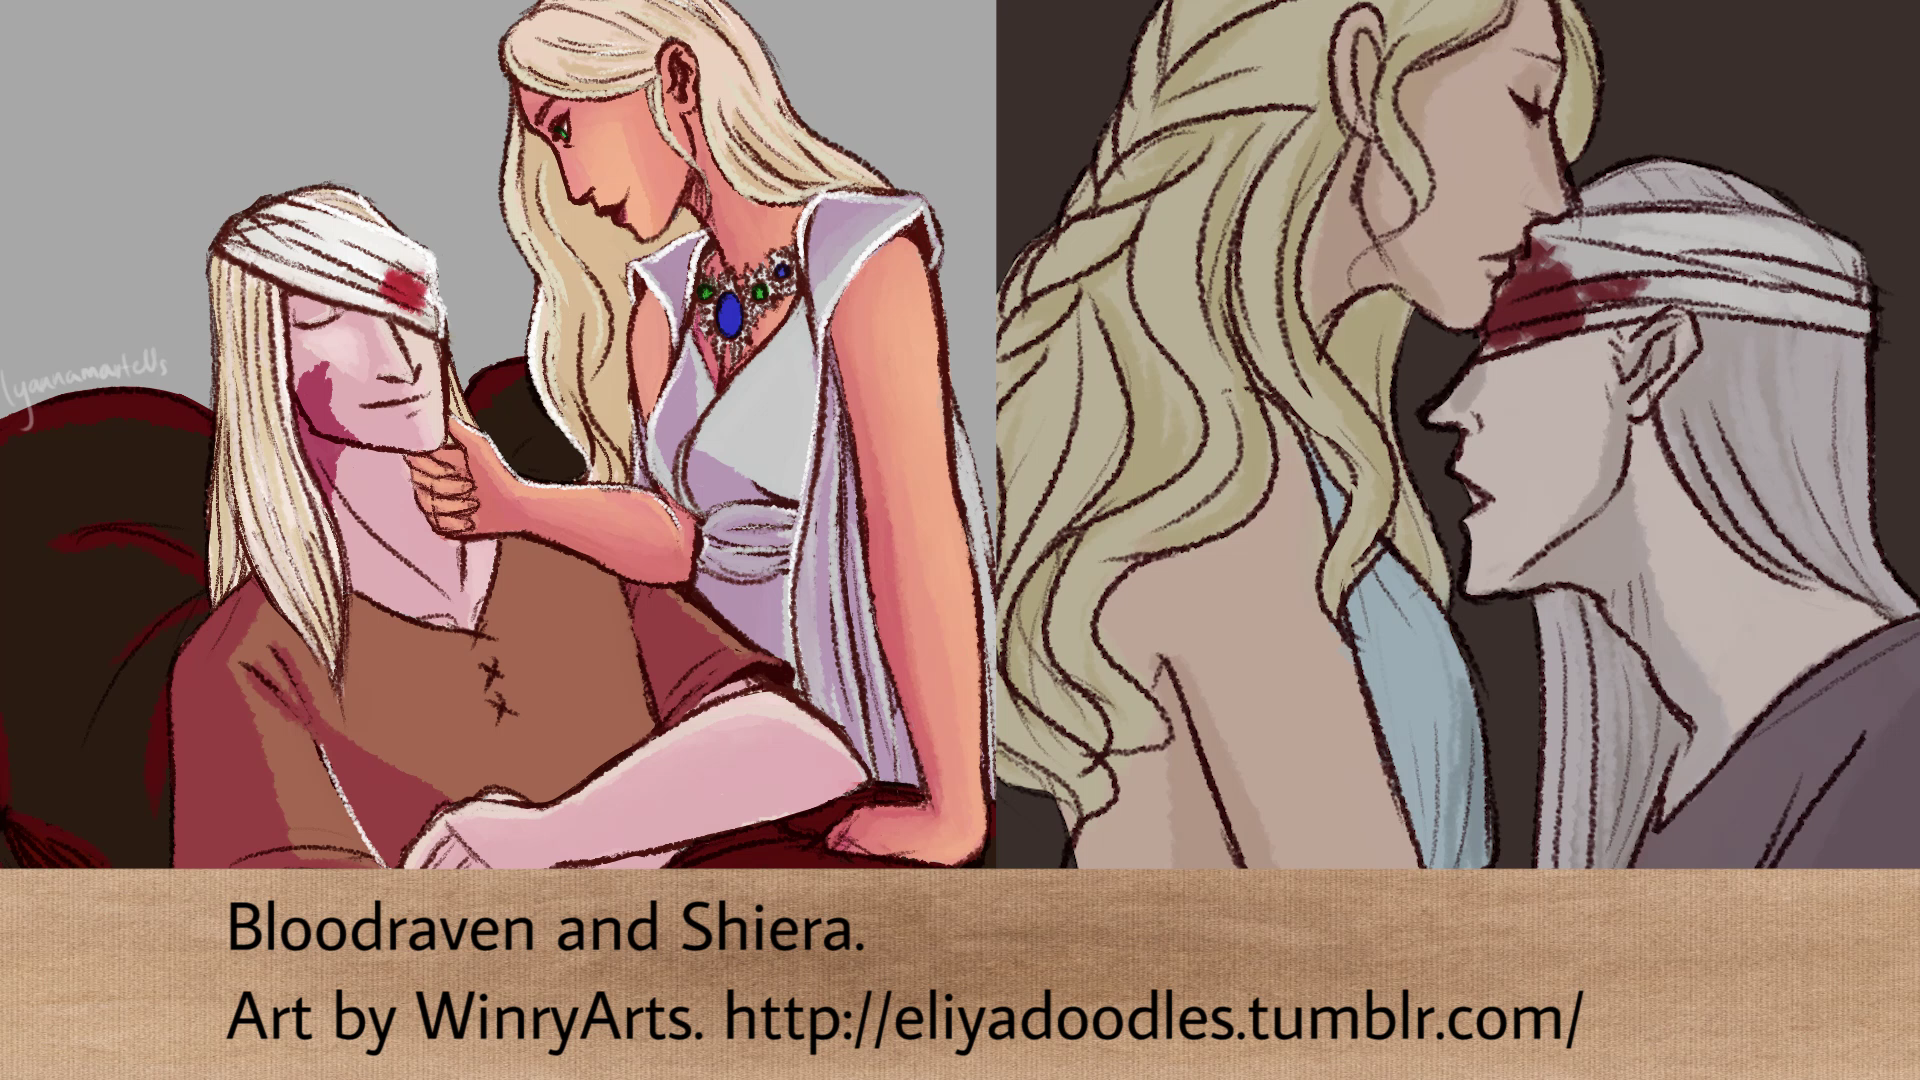 WinryArts